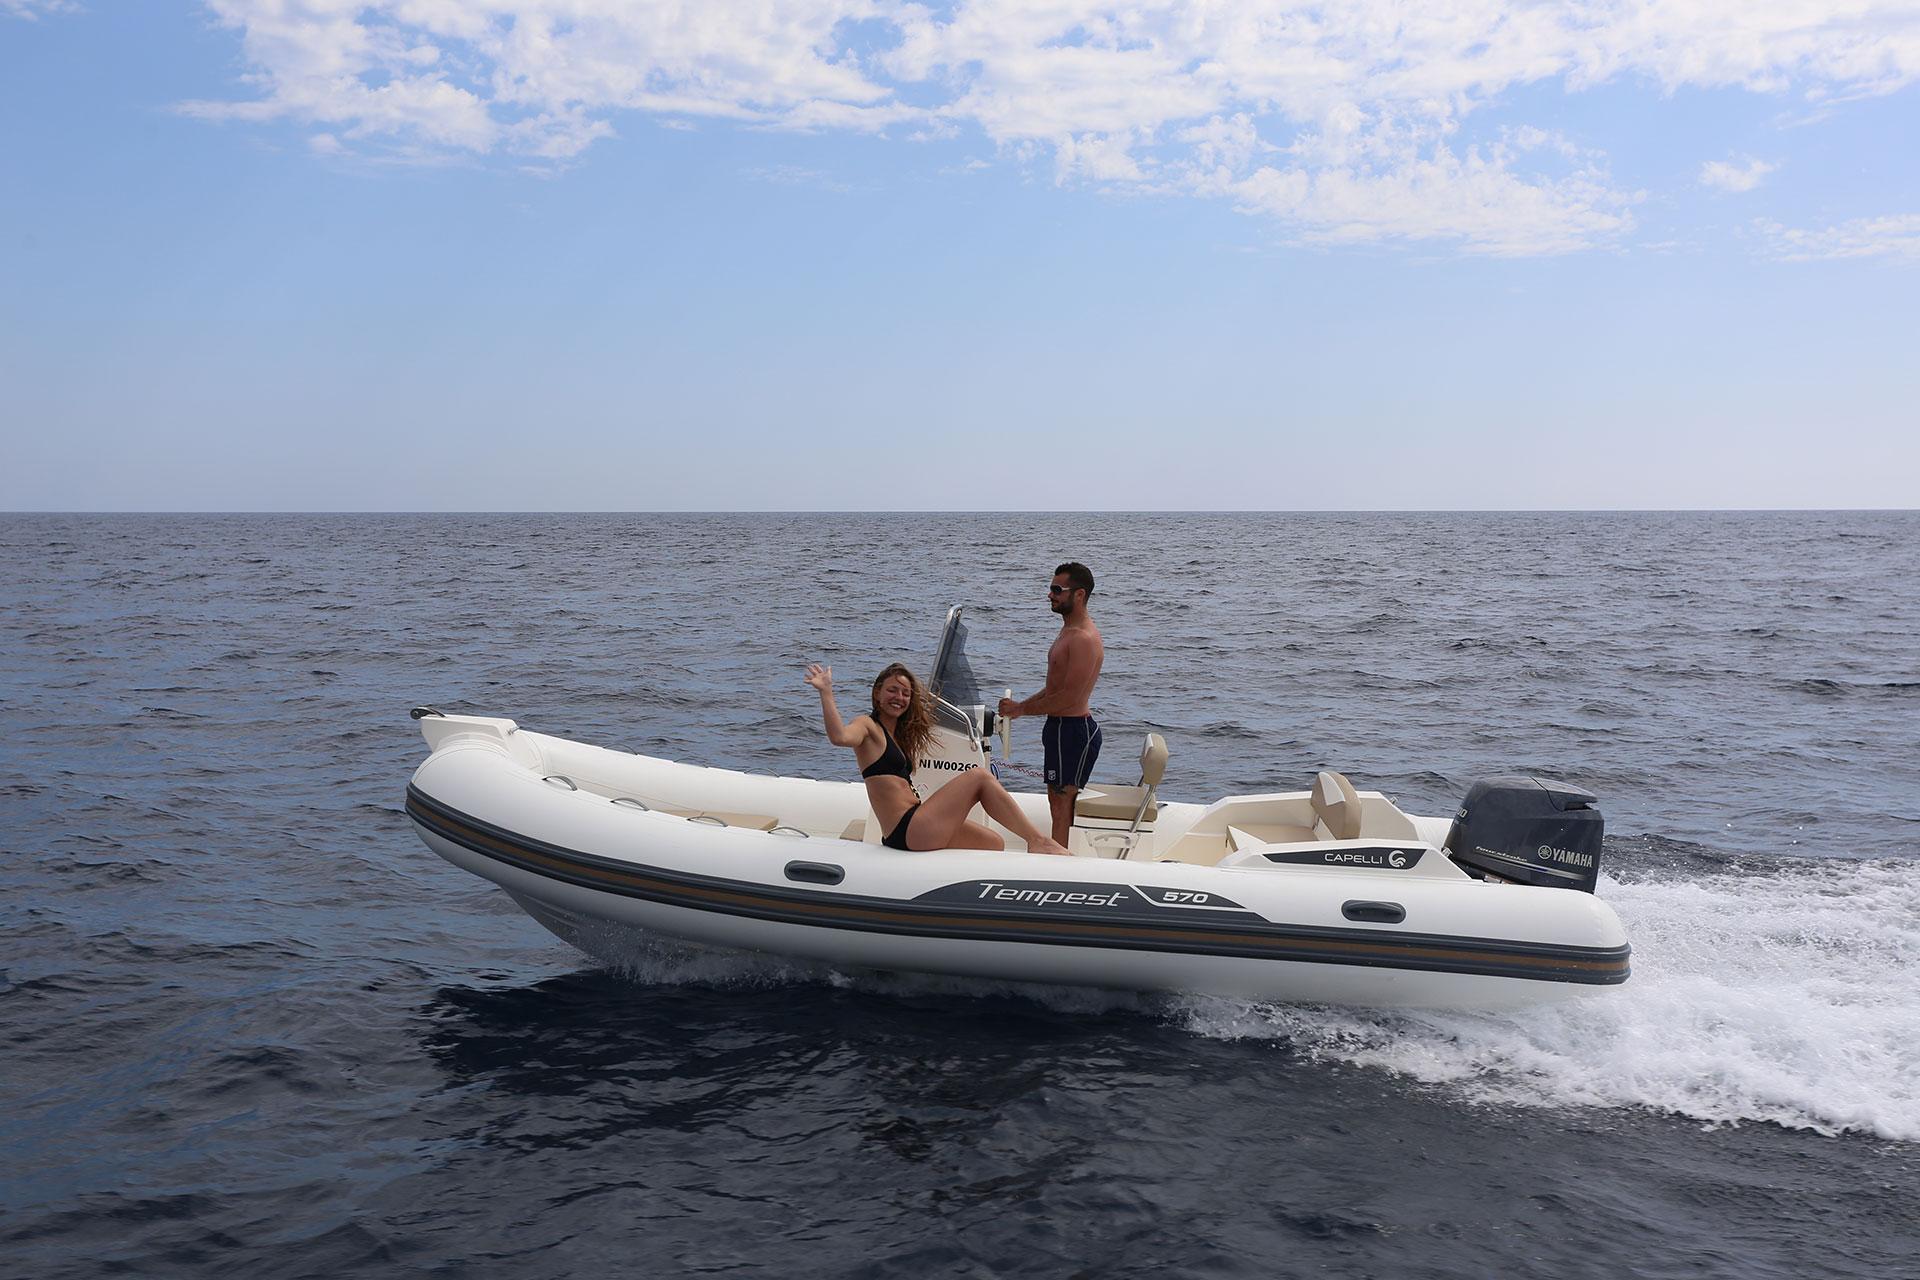 capelli boats